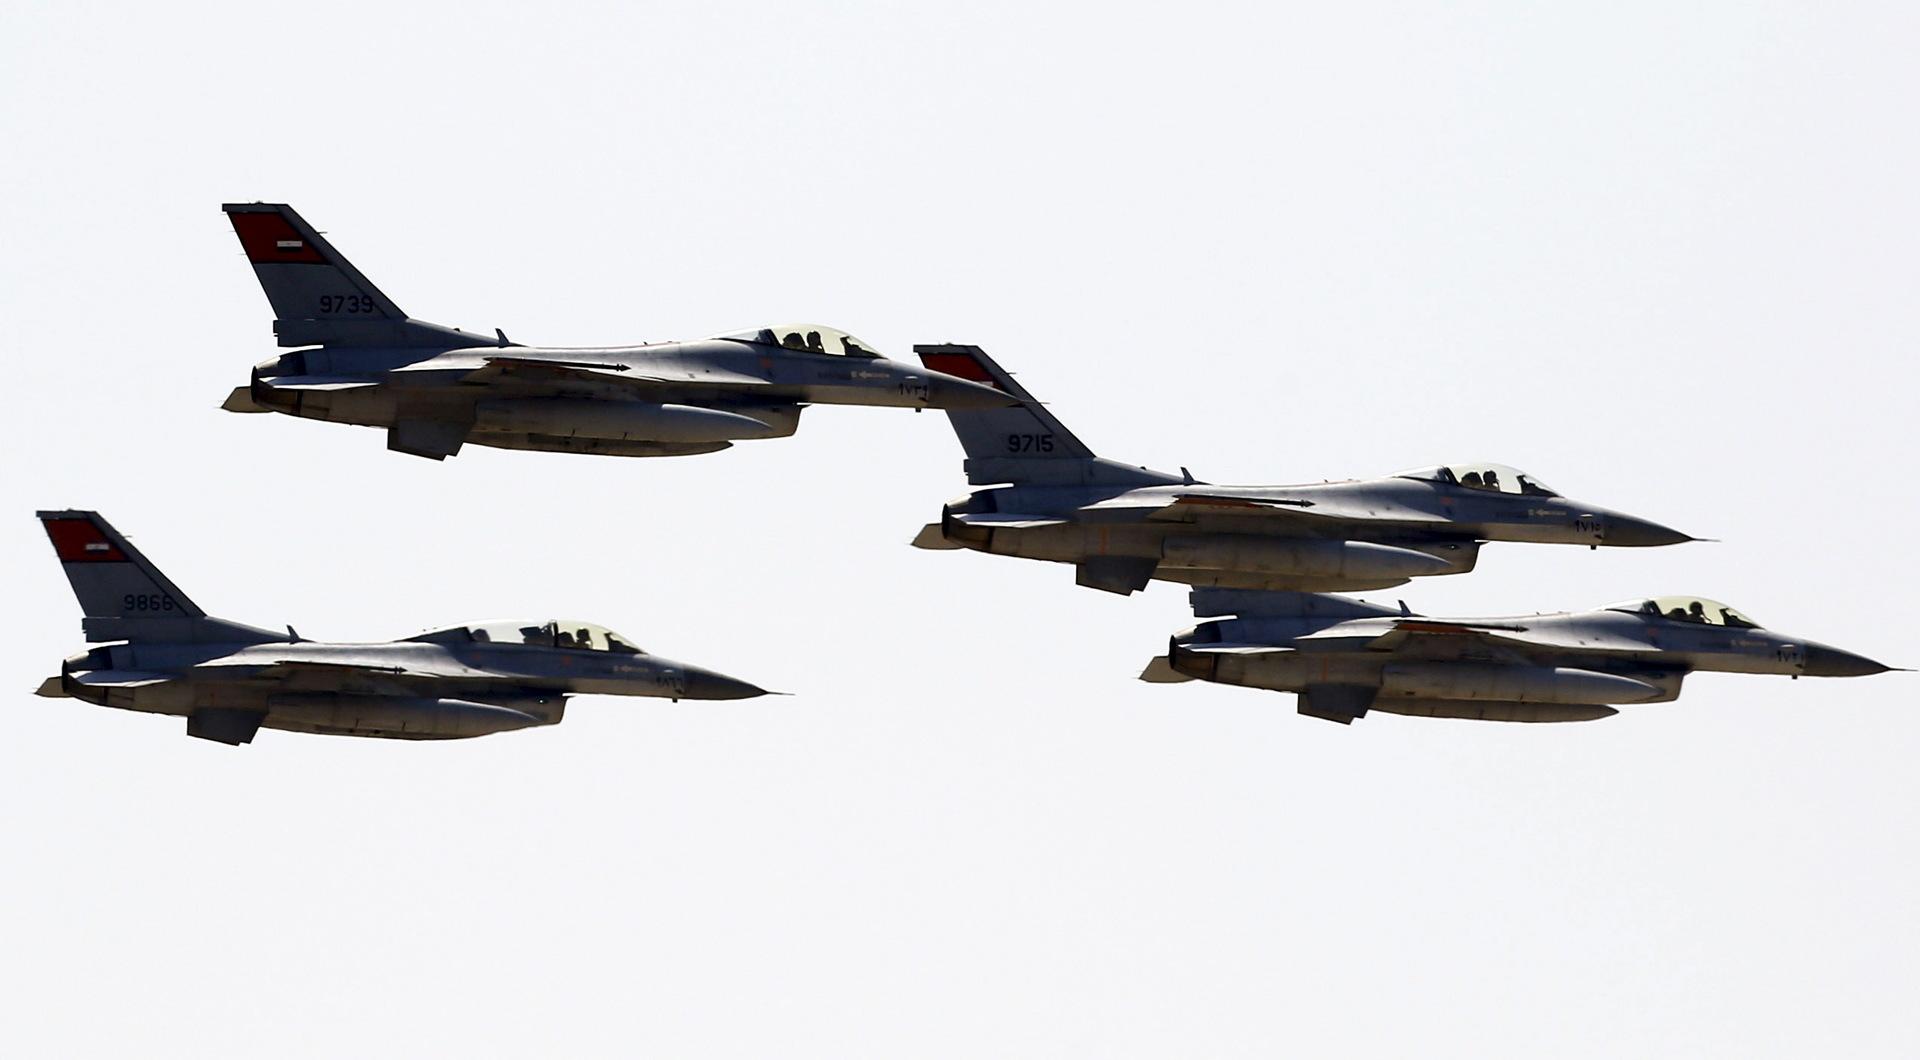 قائد القوات الجوية المصرية: قادرون على الوصول إلى أبعد مدى وفي أسرع وقت لتأمين مصالح البلاد